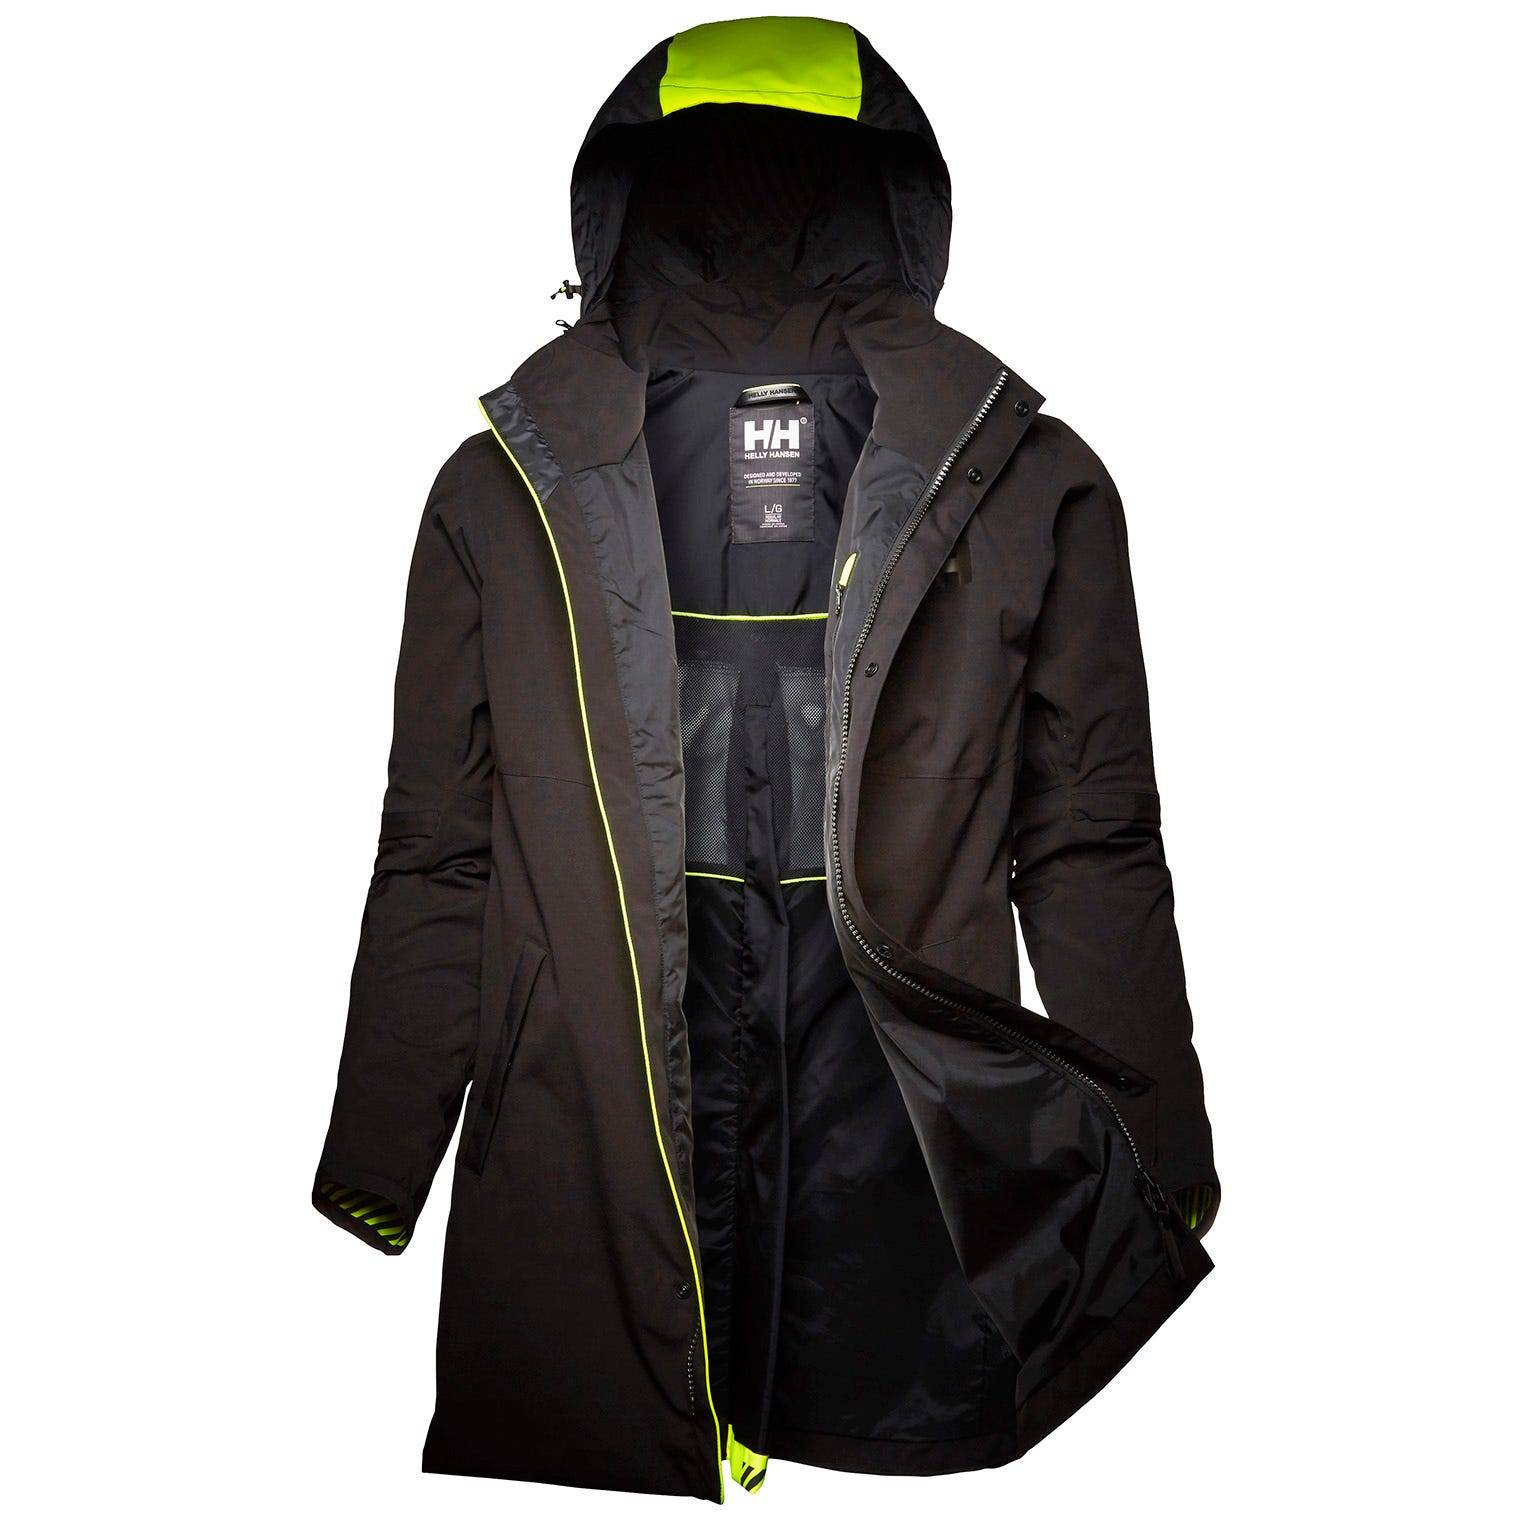 Helly Hansen Coasting Coat Rain Jacket Black XL